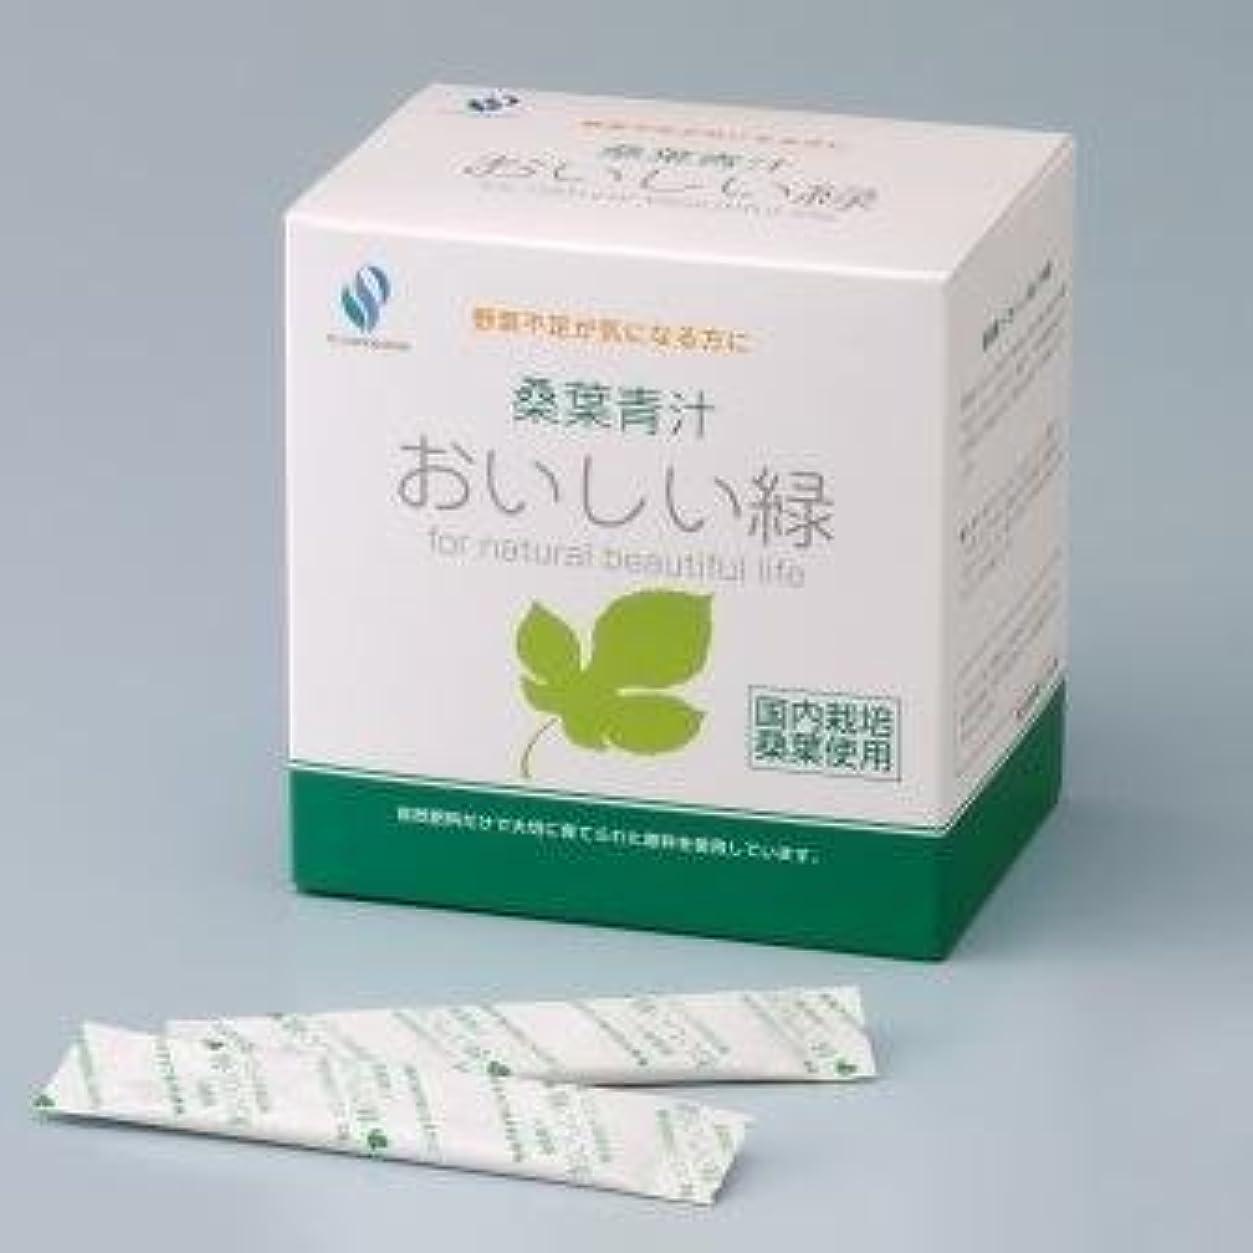 スマイル事一元化する【栄養補助食品】 桑葉青汁 おいしい緑 (本体(2gx60本入り))